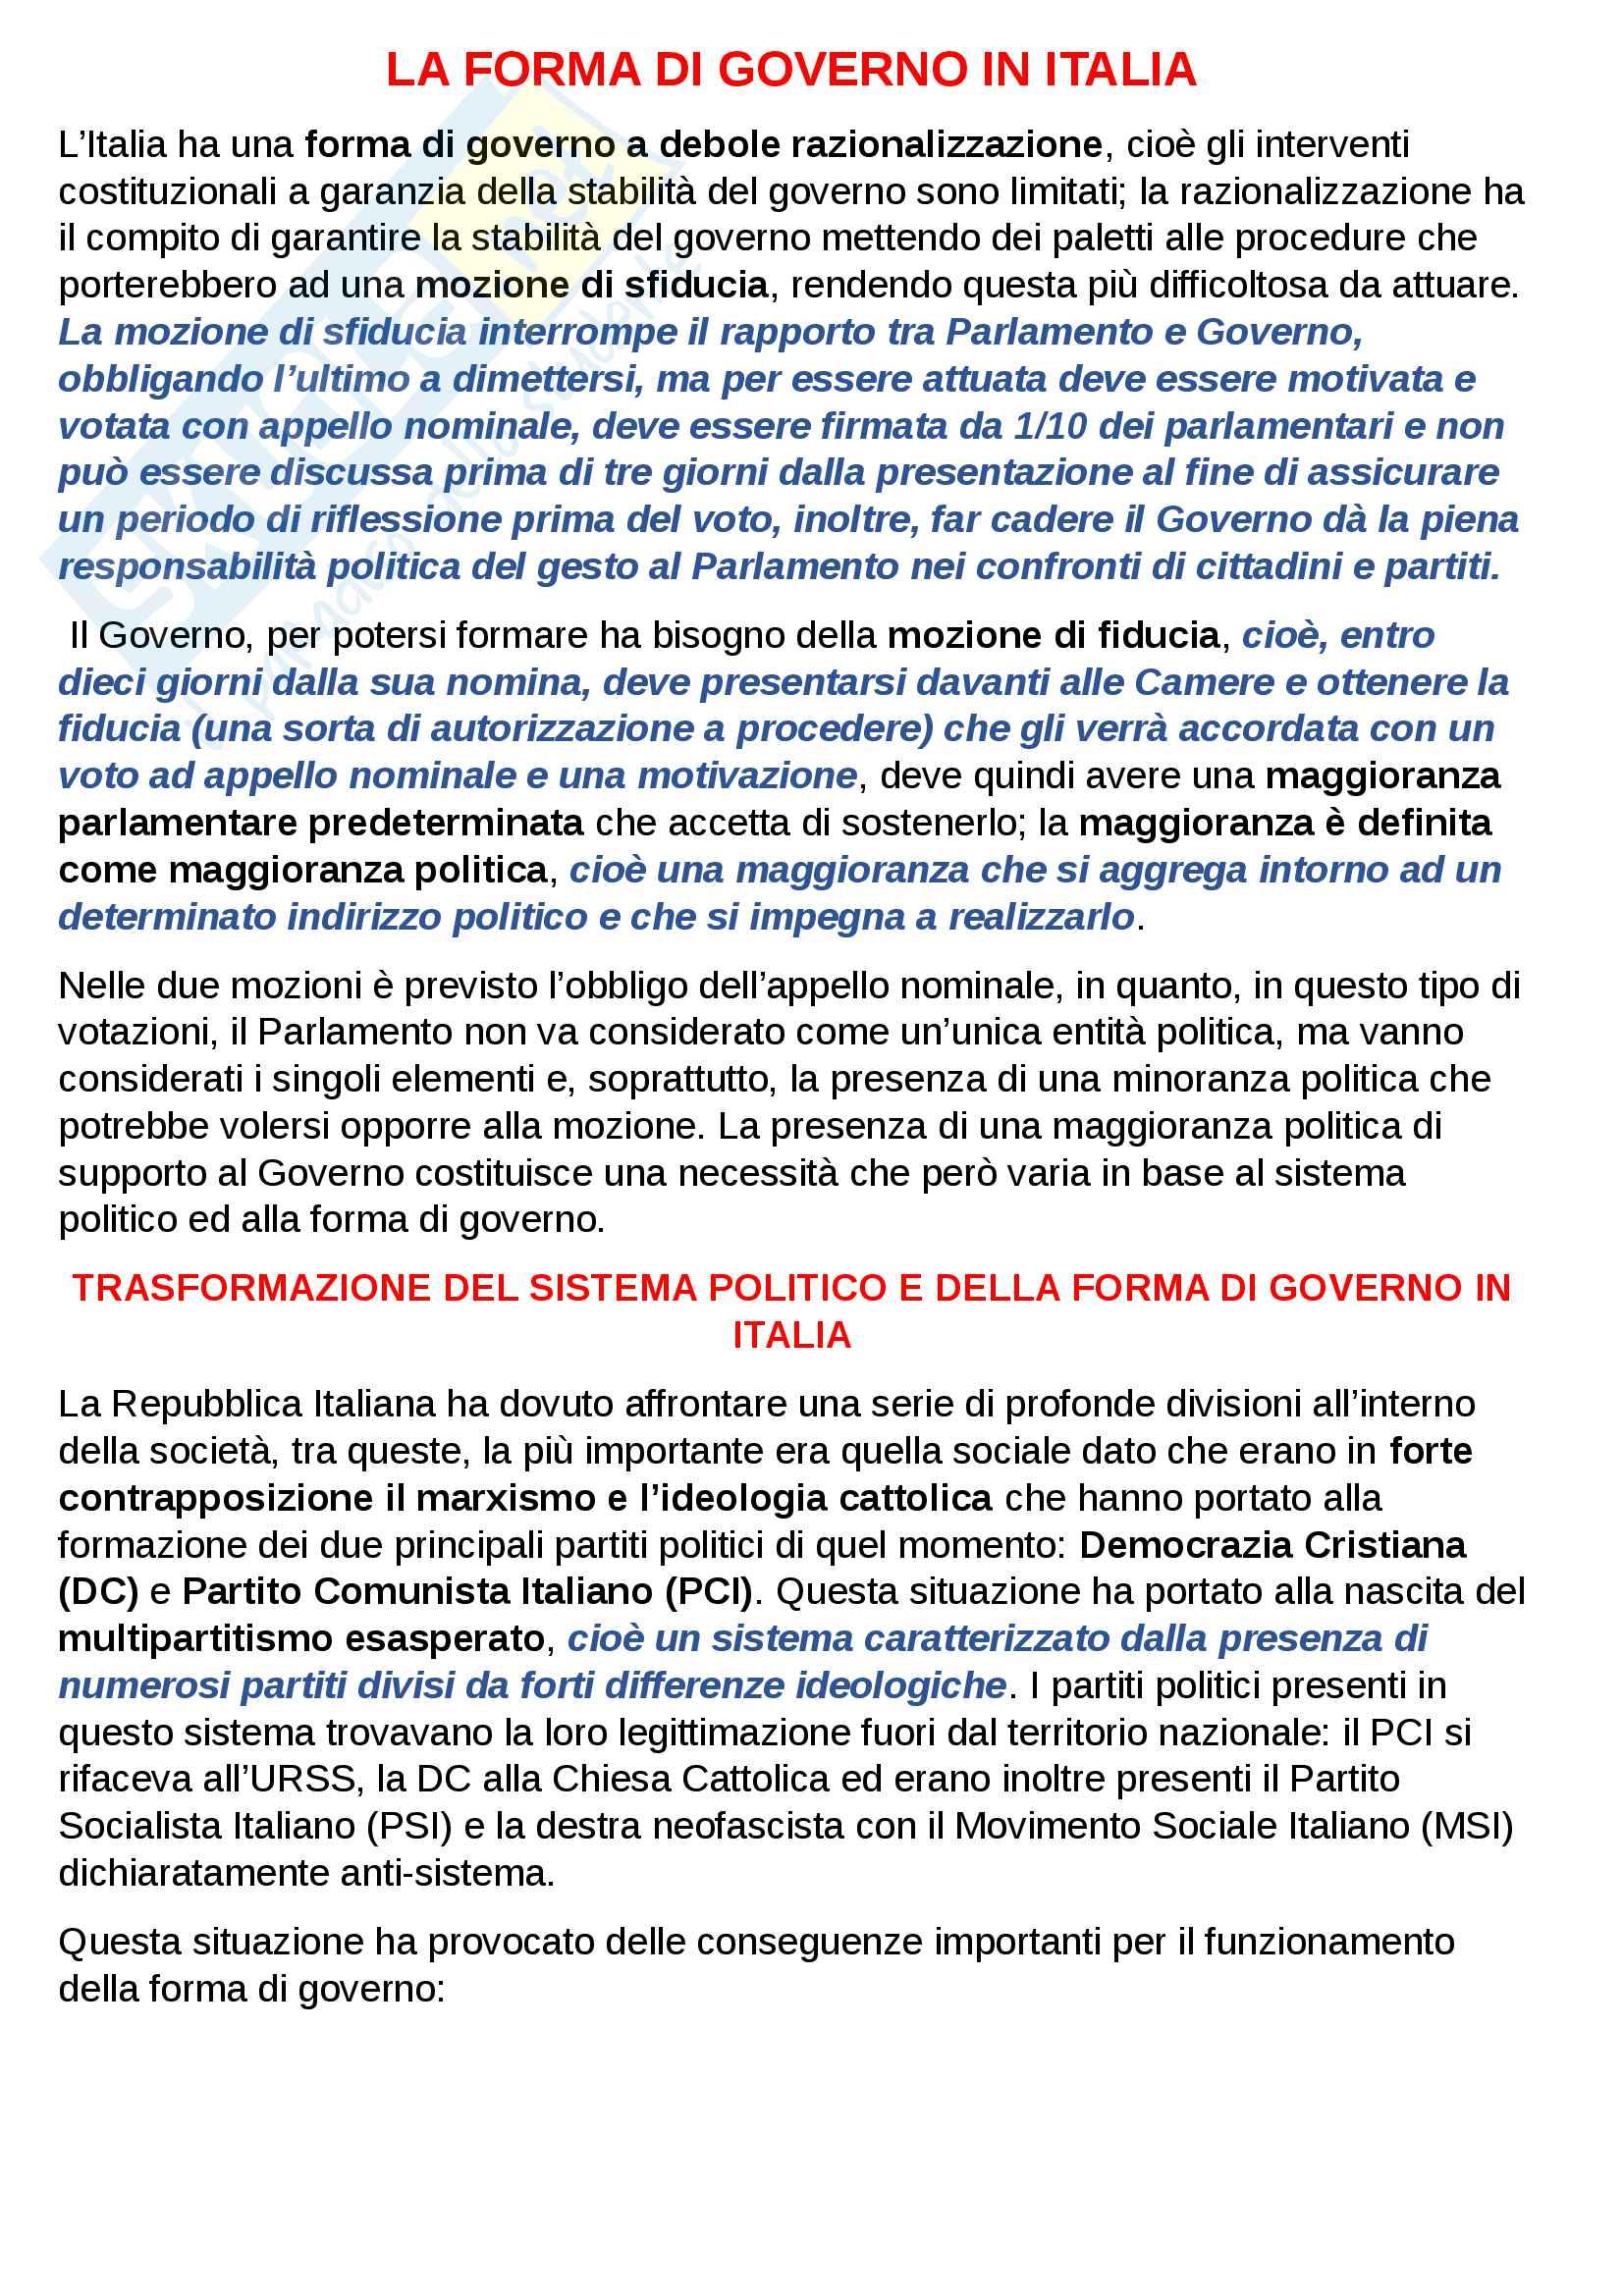 Sistema di governo in Italia